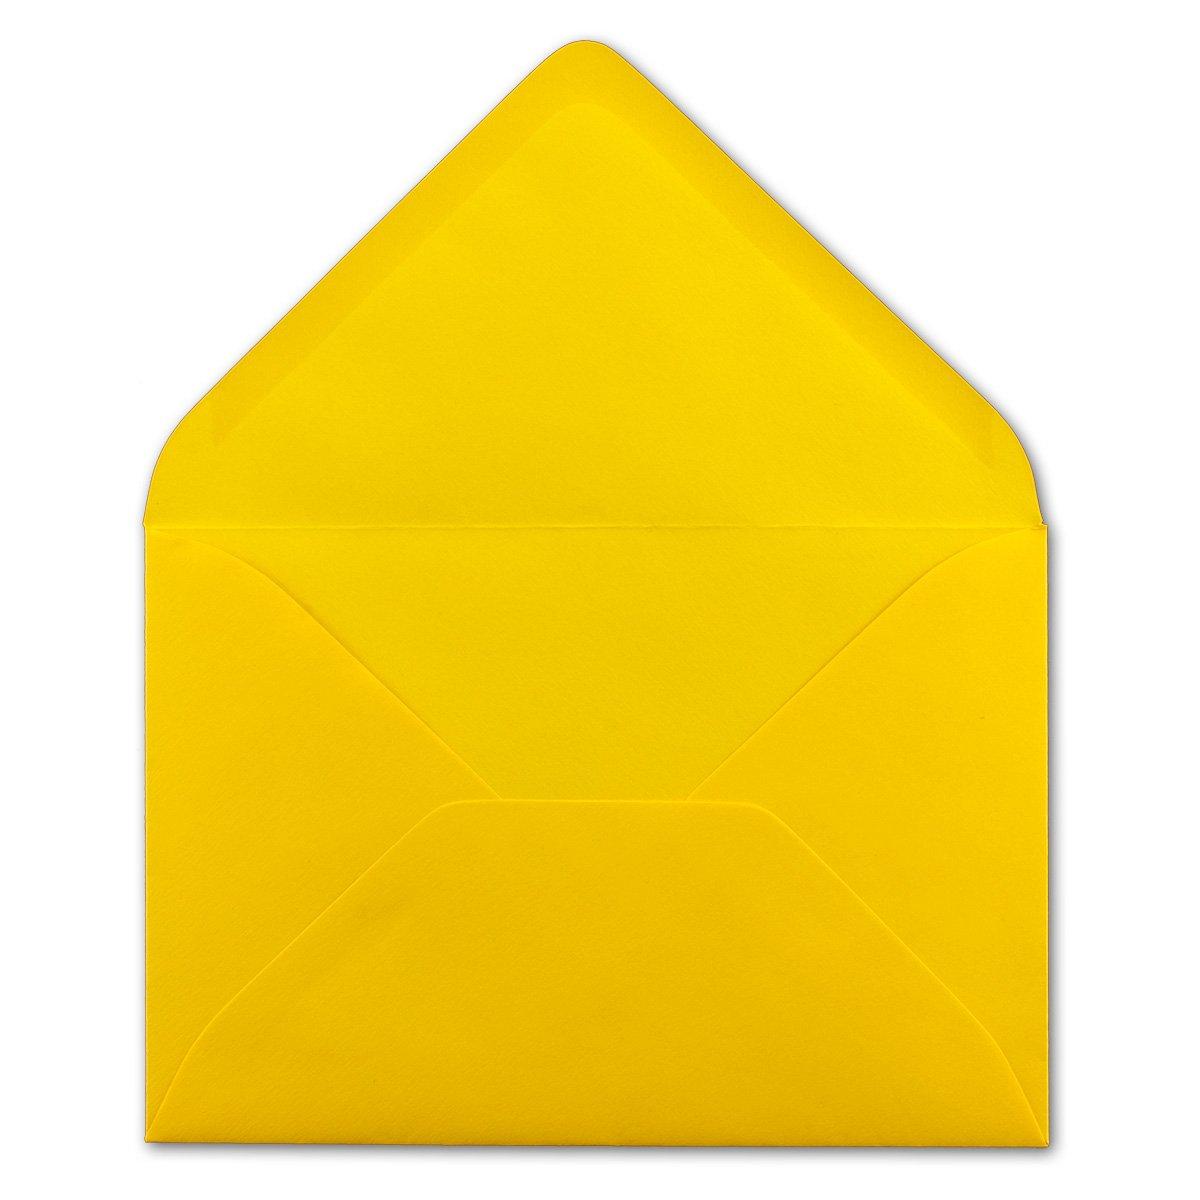 Brief-Umschläge in Nachtblau   150 Stück     DIN C5 KuGrüns 220 x 154 mm - Nassklebung ohne Fenster - Weihnachten, Grußkarten   Serie FarbenFroh® B00ZKRKULC | Feinen Qualität  c80c85